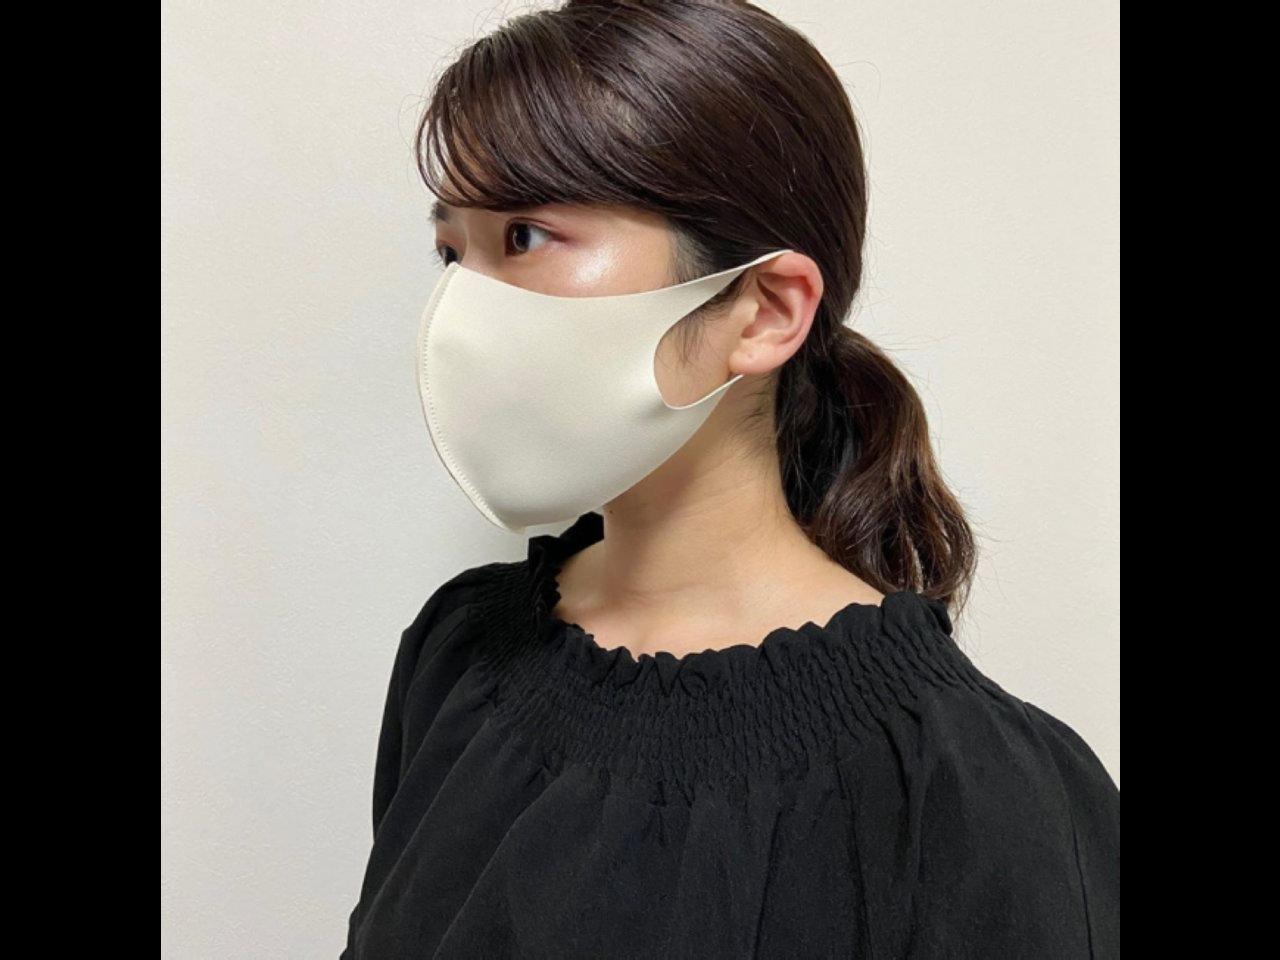 アパレルブランドが作る布マスク。「夏マスクプロジェクト」取扱いスタートしました。